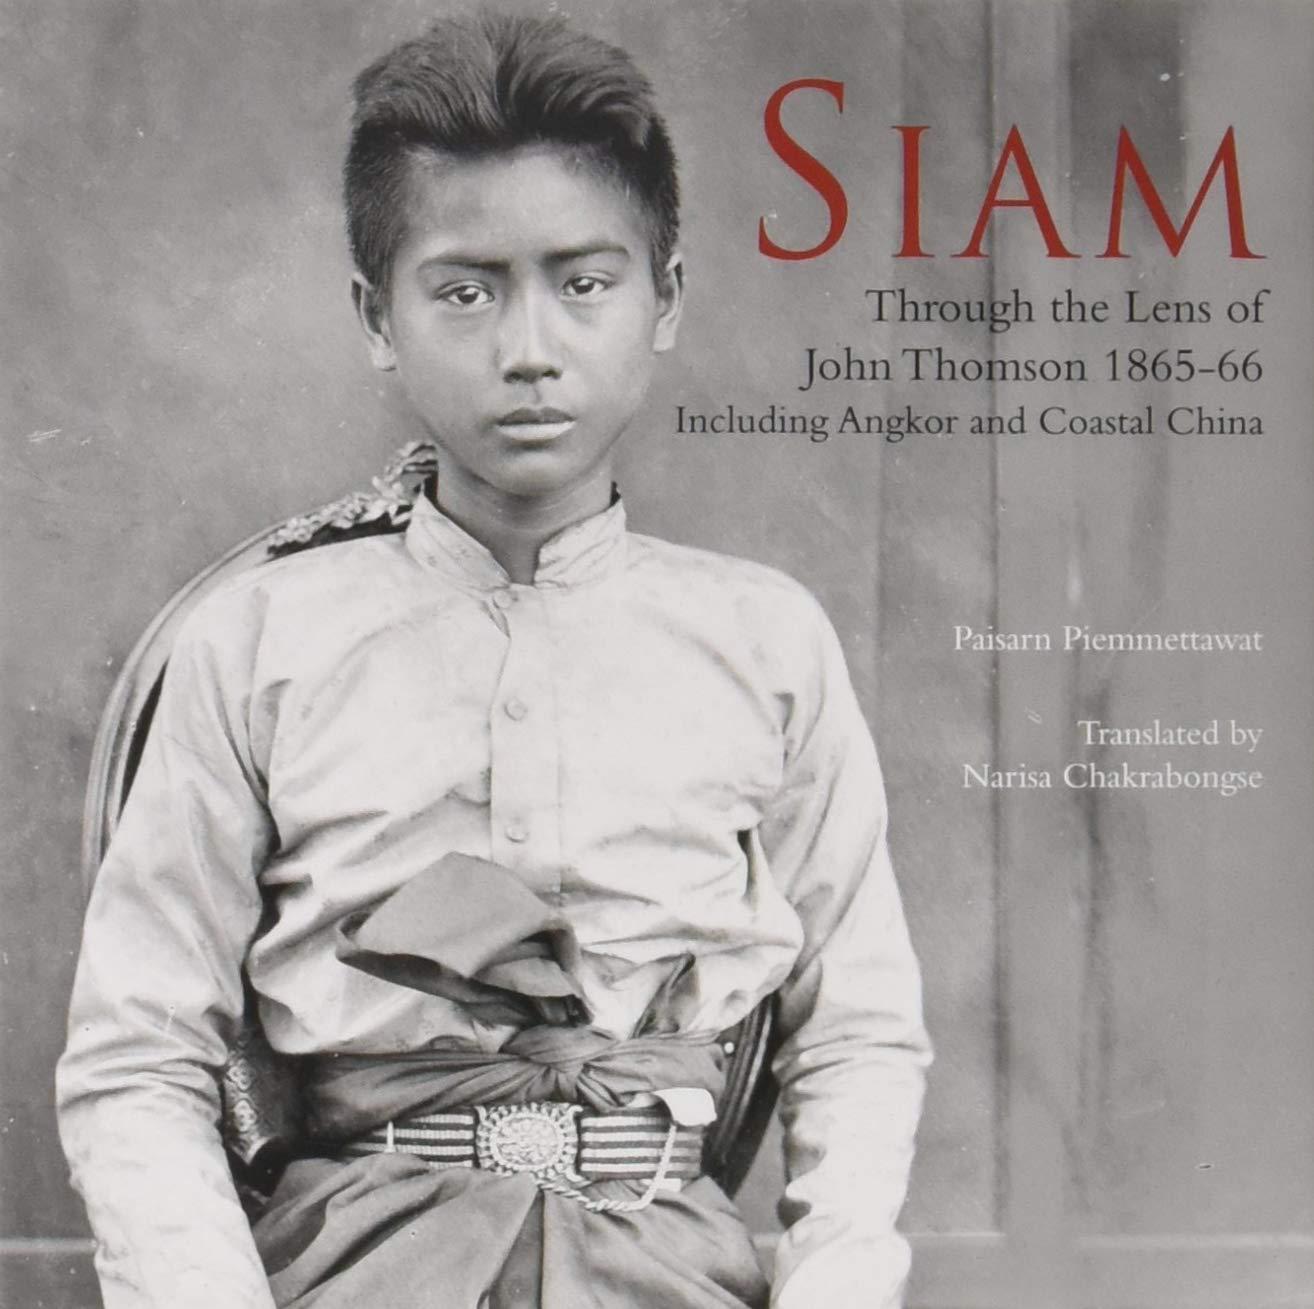 Download Siam: Through the Lens of John Thomson 1865-66 pdf epub